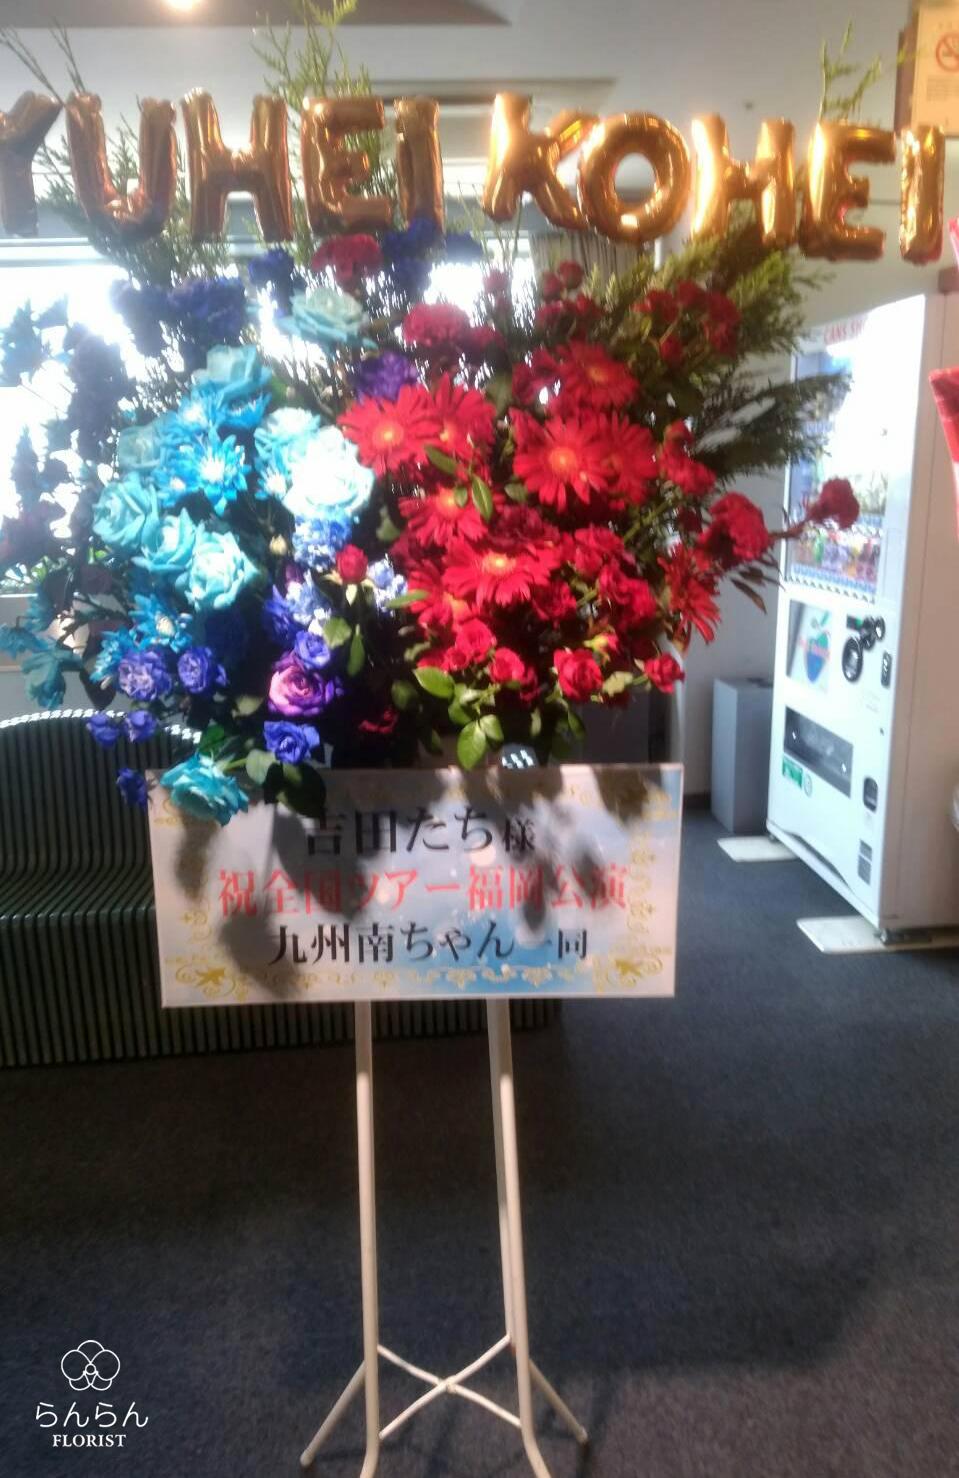 吉田たち お祝いスタンド花